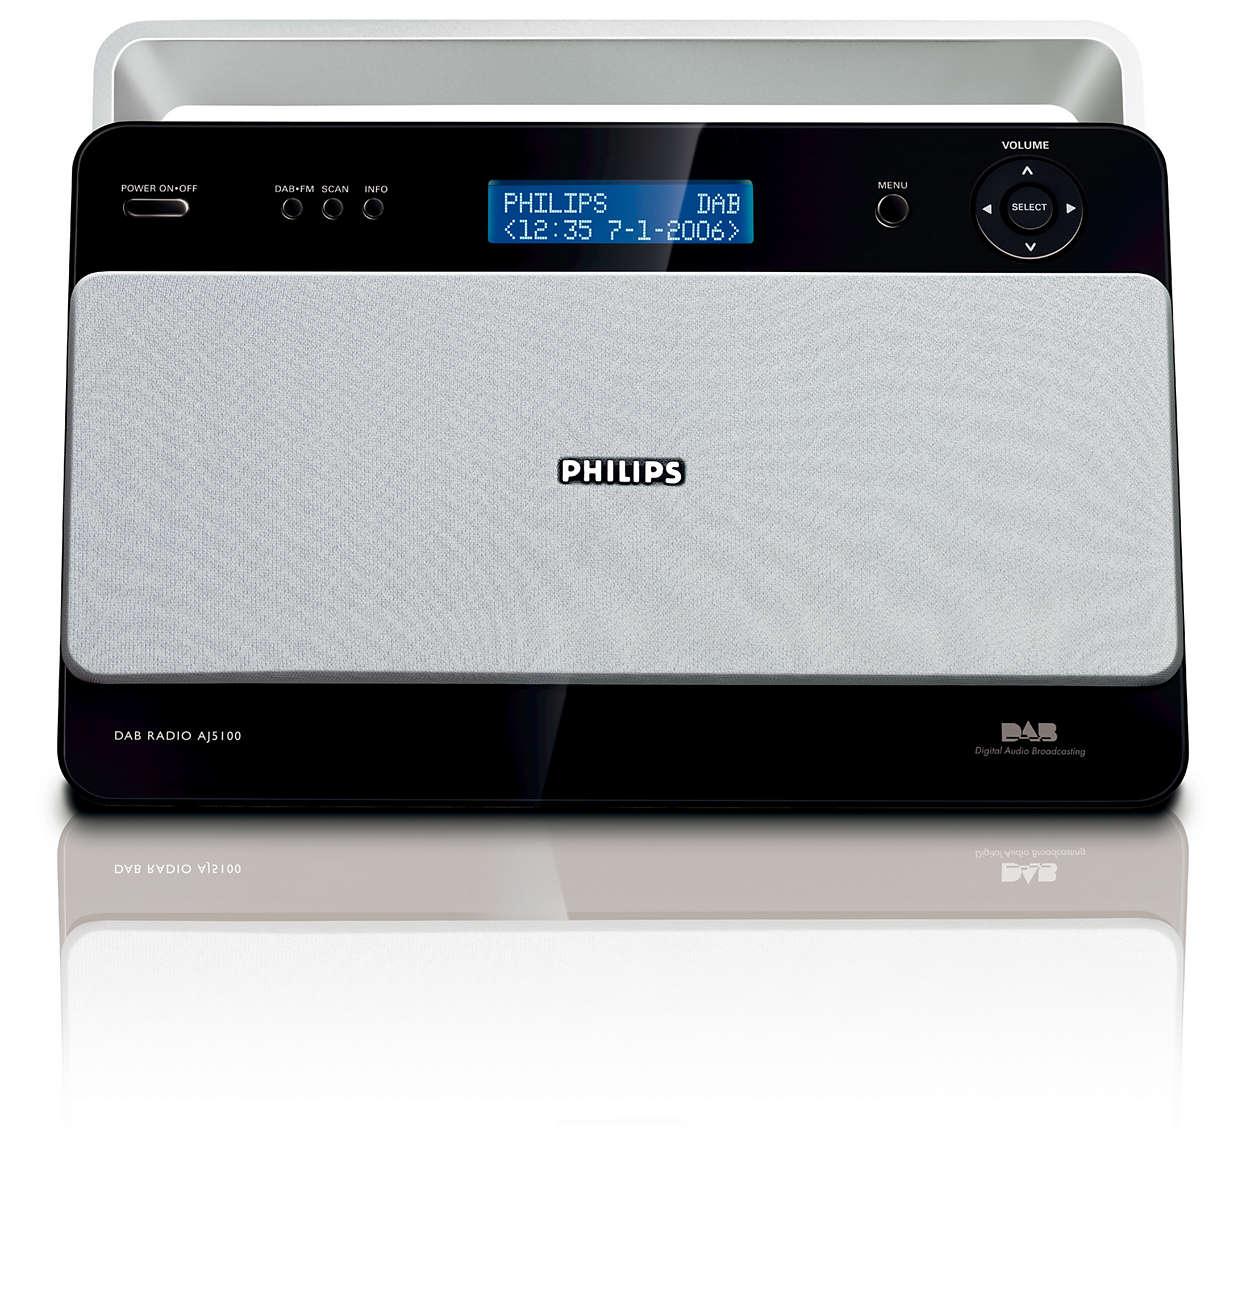 Digital radio med krystallklar lydkvalitet